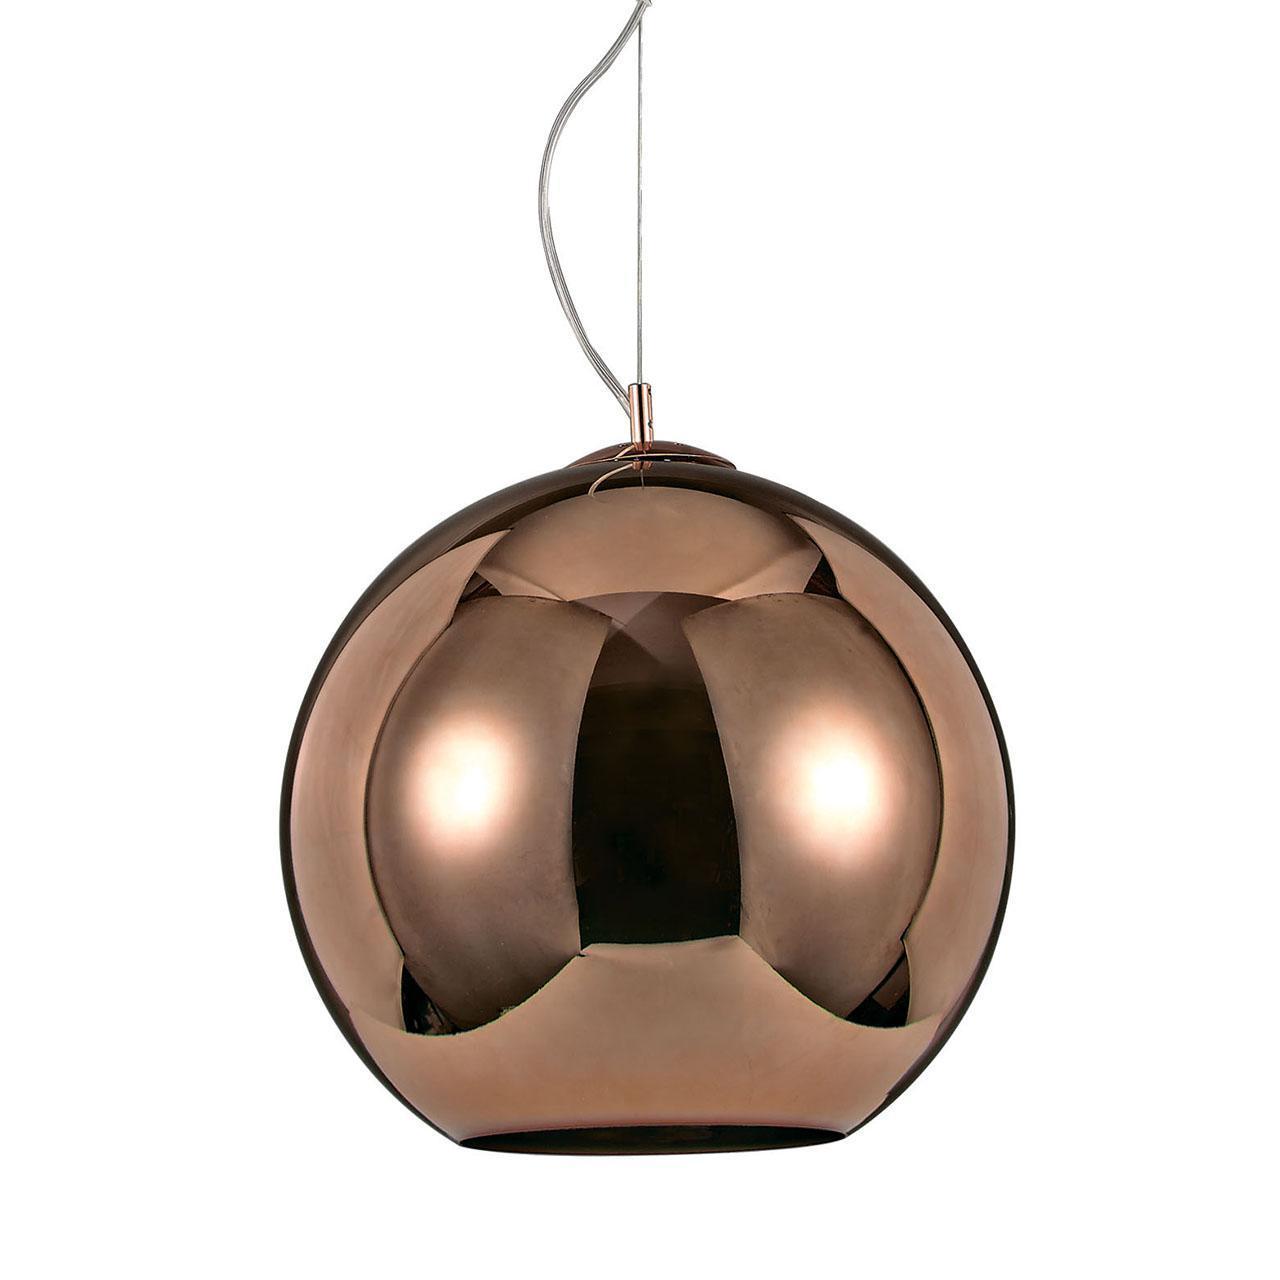 Подвесной светильник Ideal Lux Nemo SP1 D40 Rame подвесной светильник ideal lux nemo sp1 d40 rame